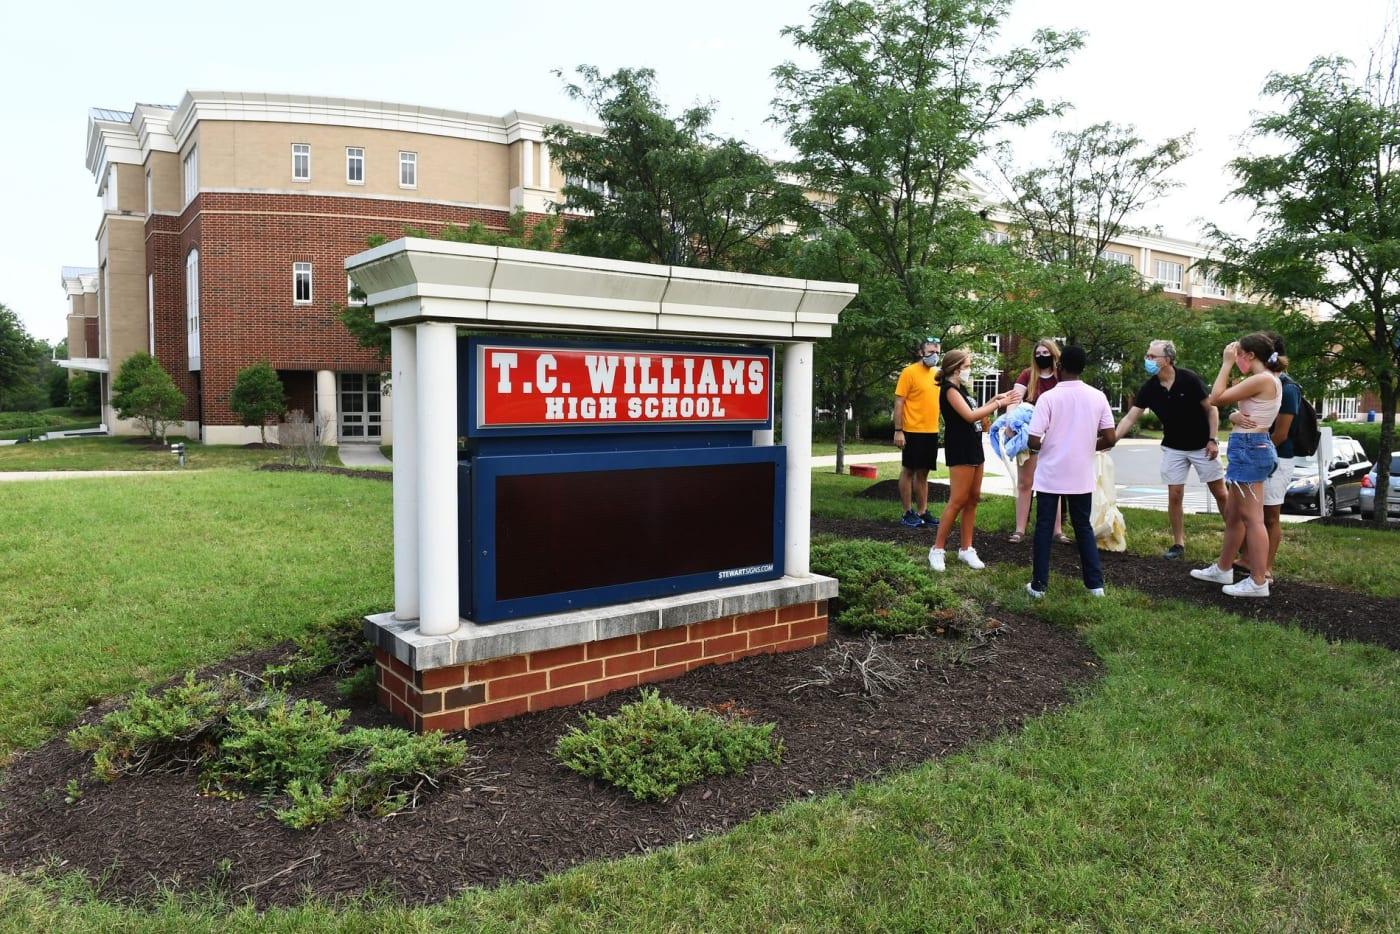 T.C. Williams high school